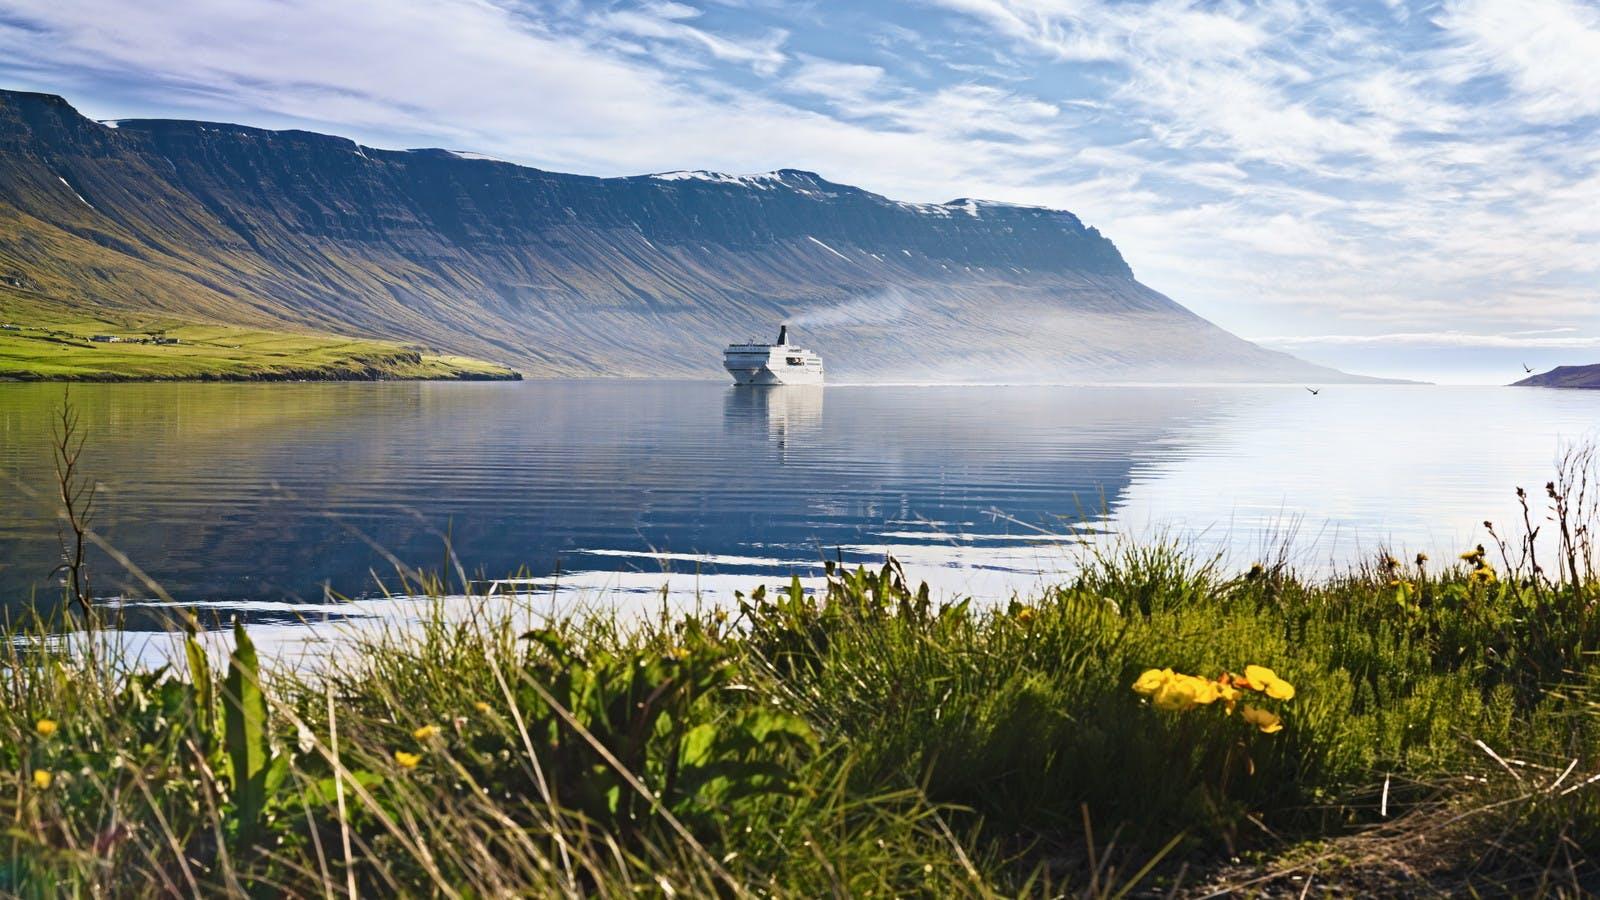 Sailing into Seyðisfjörður